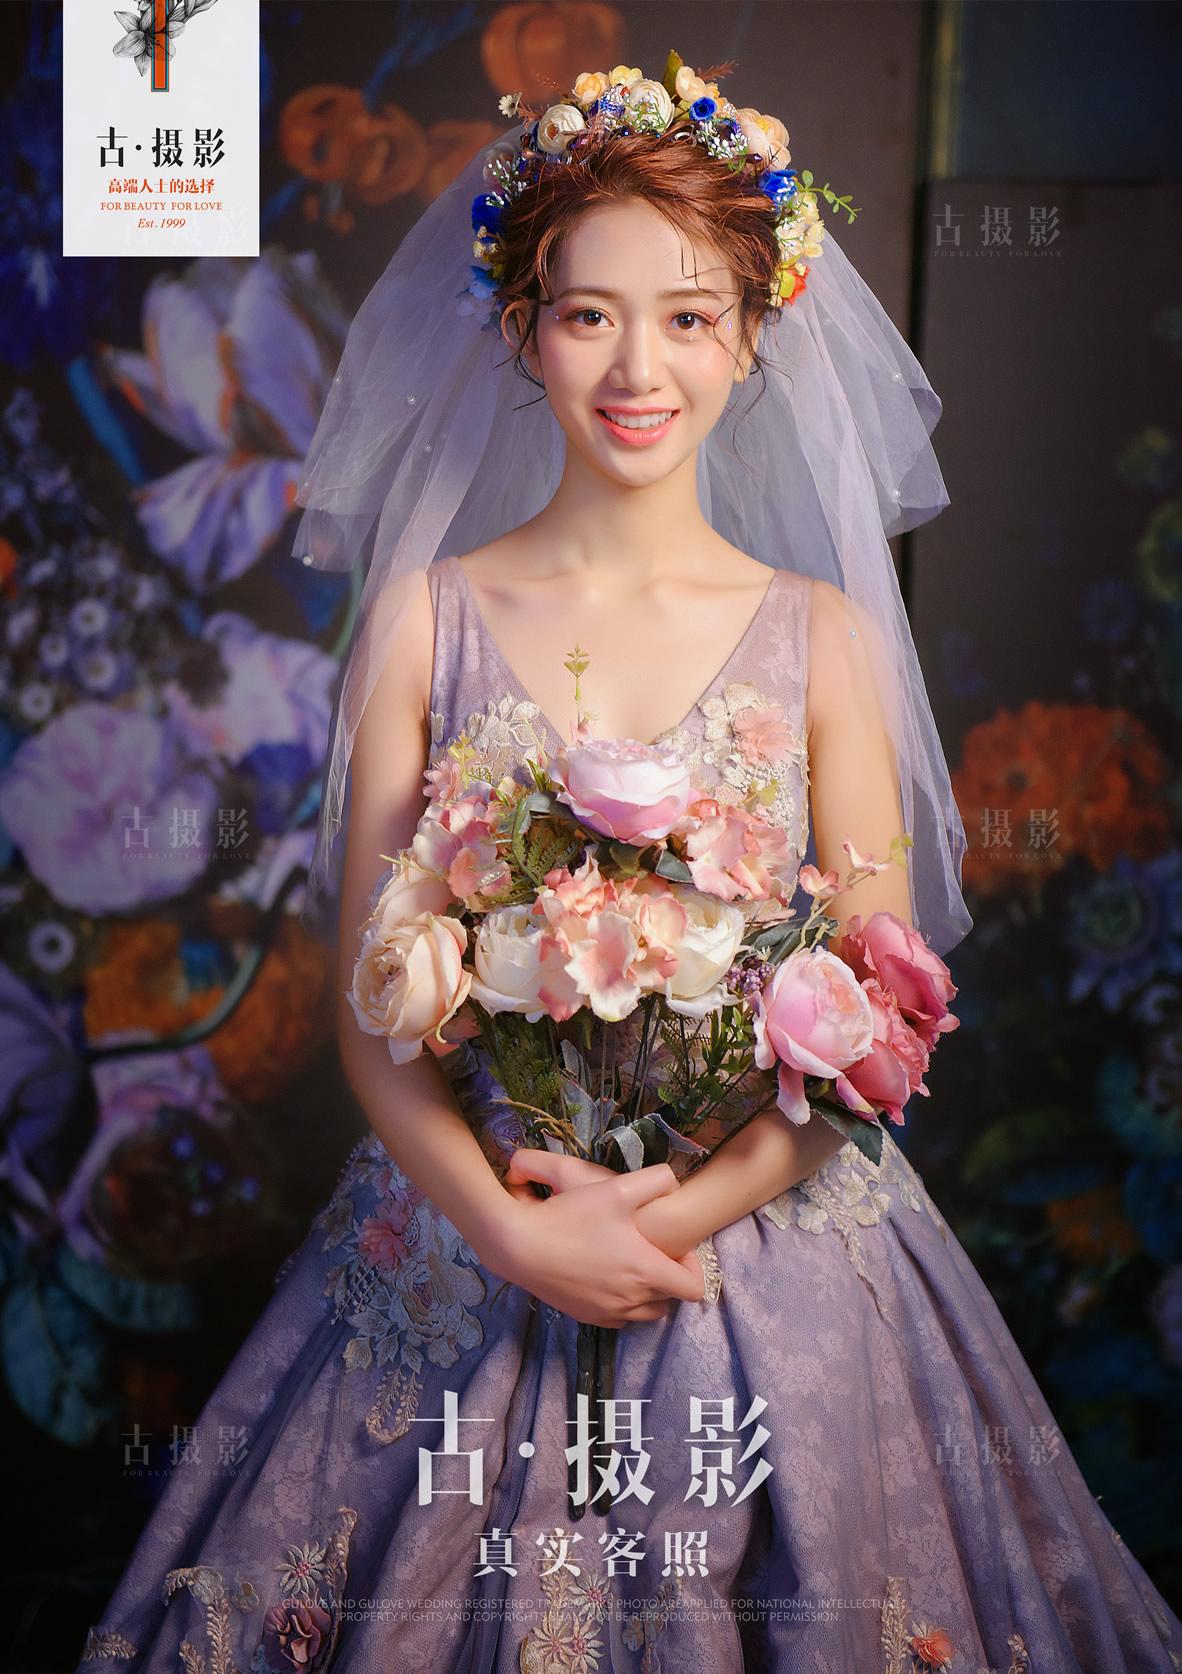 5月14日客片李先生 梁小姐 - 每日客照 - 广州婚纱摄影-广州古摄影官网